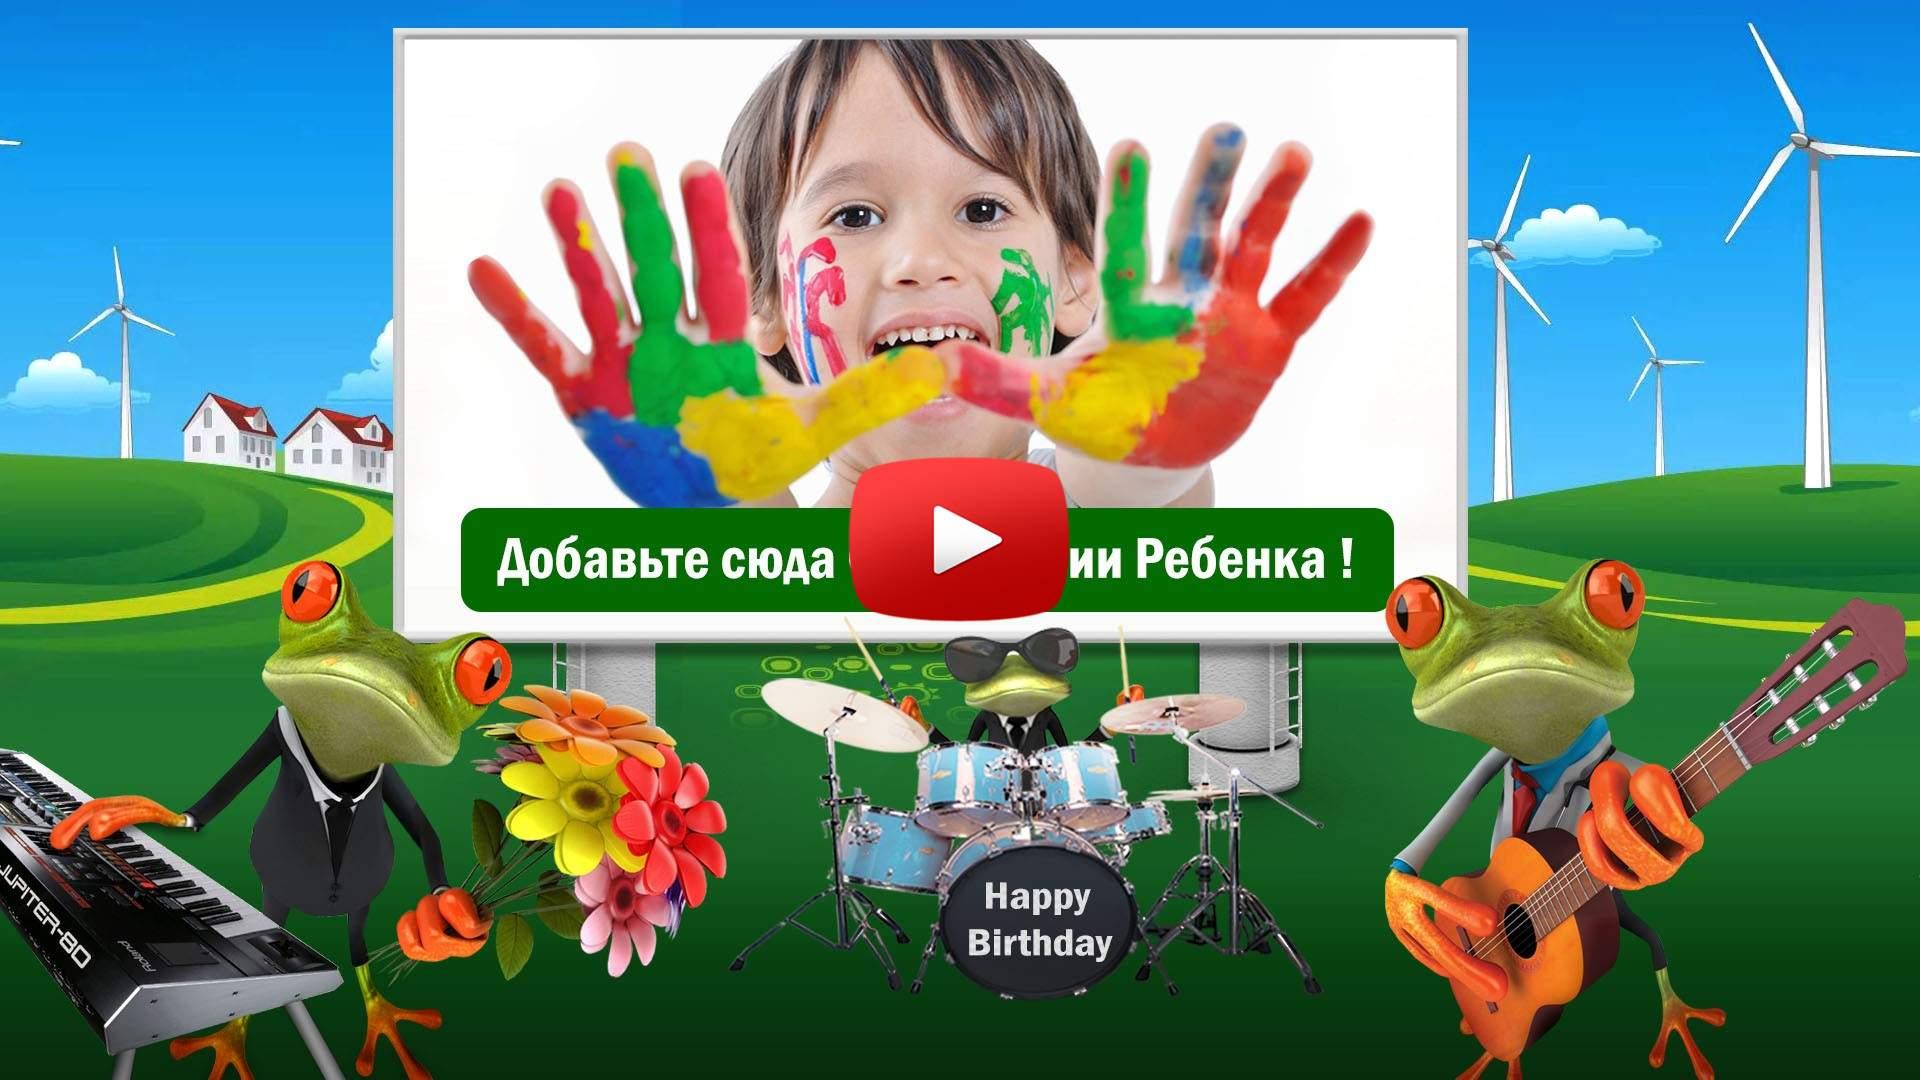 ФОТОКЛИП - для ребенка